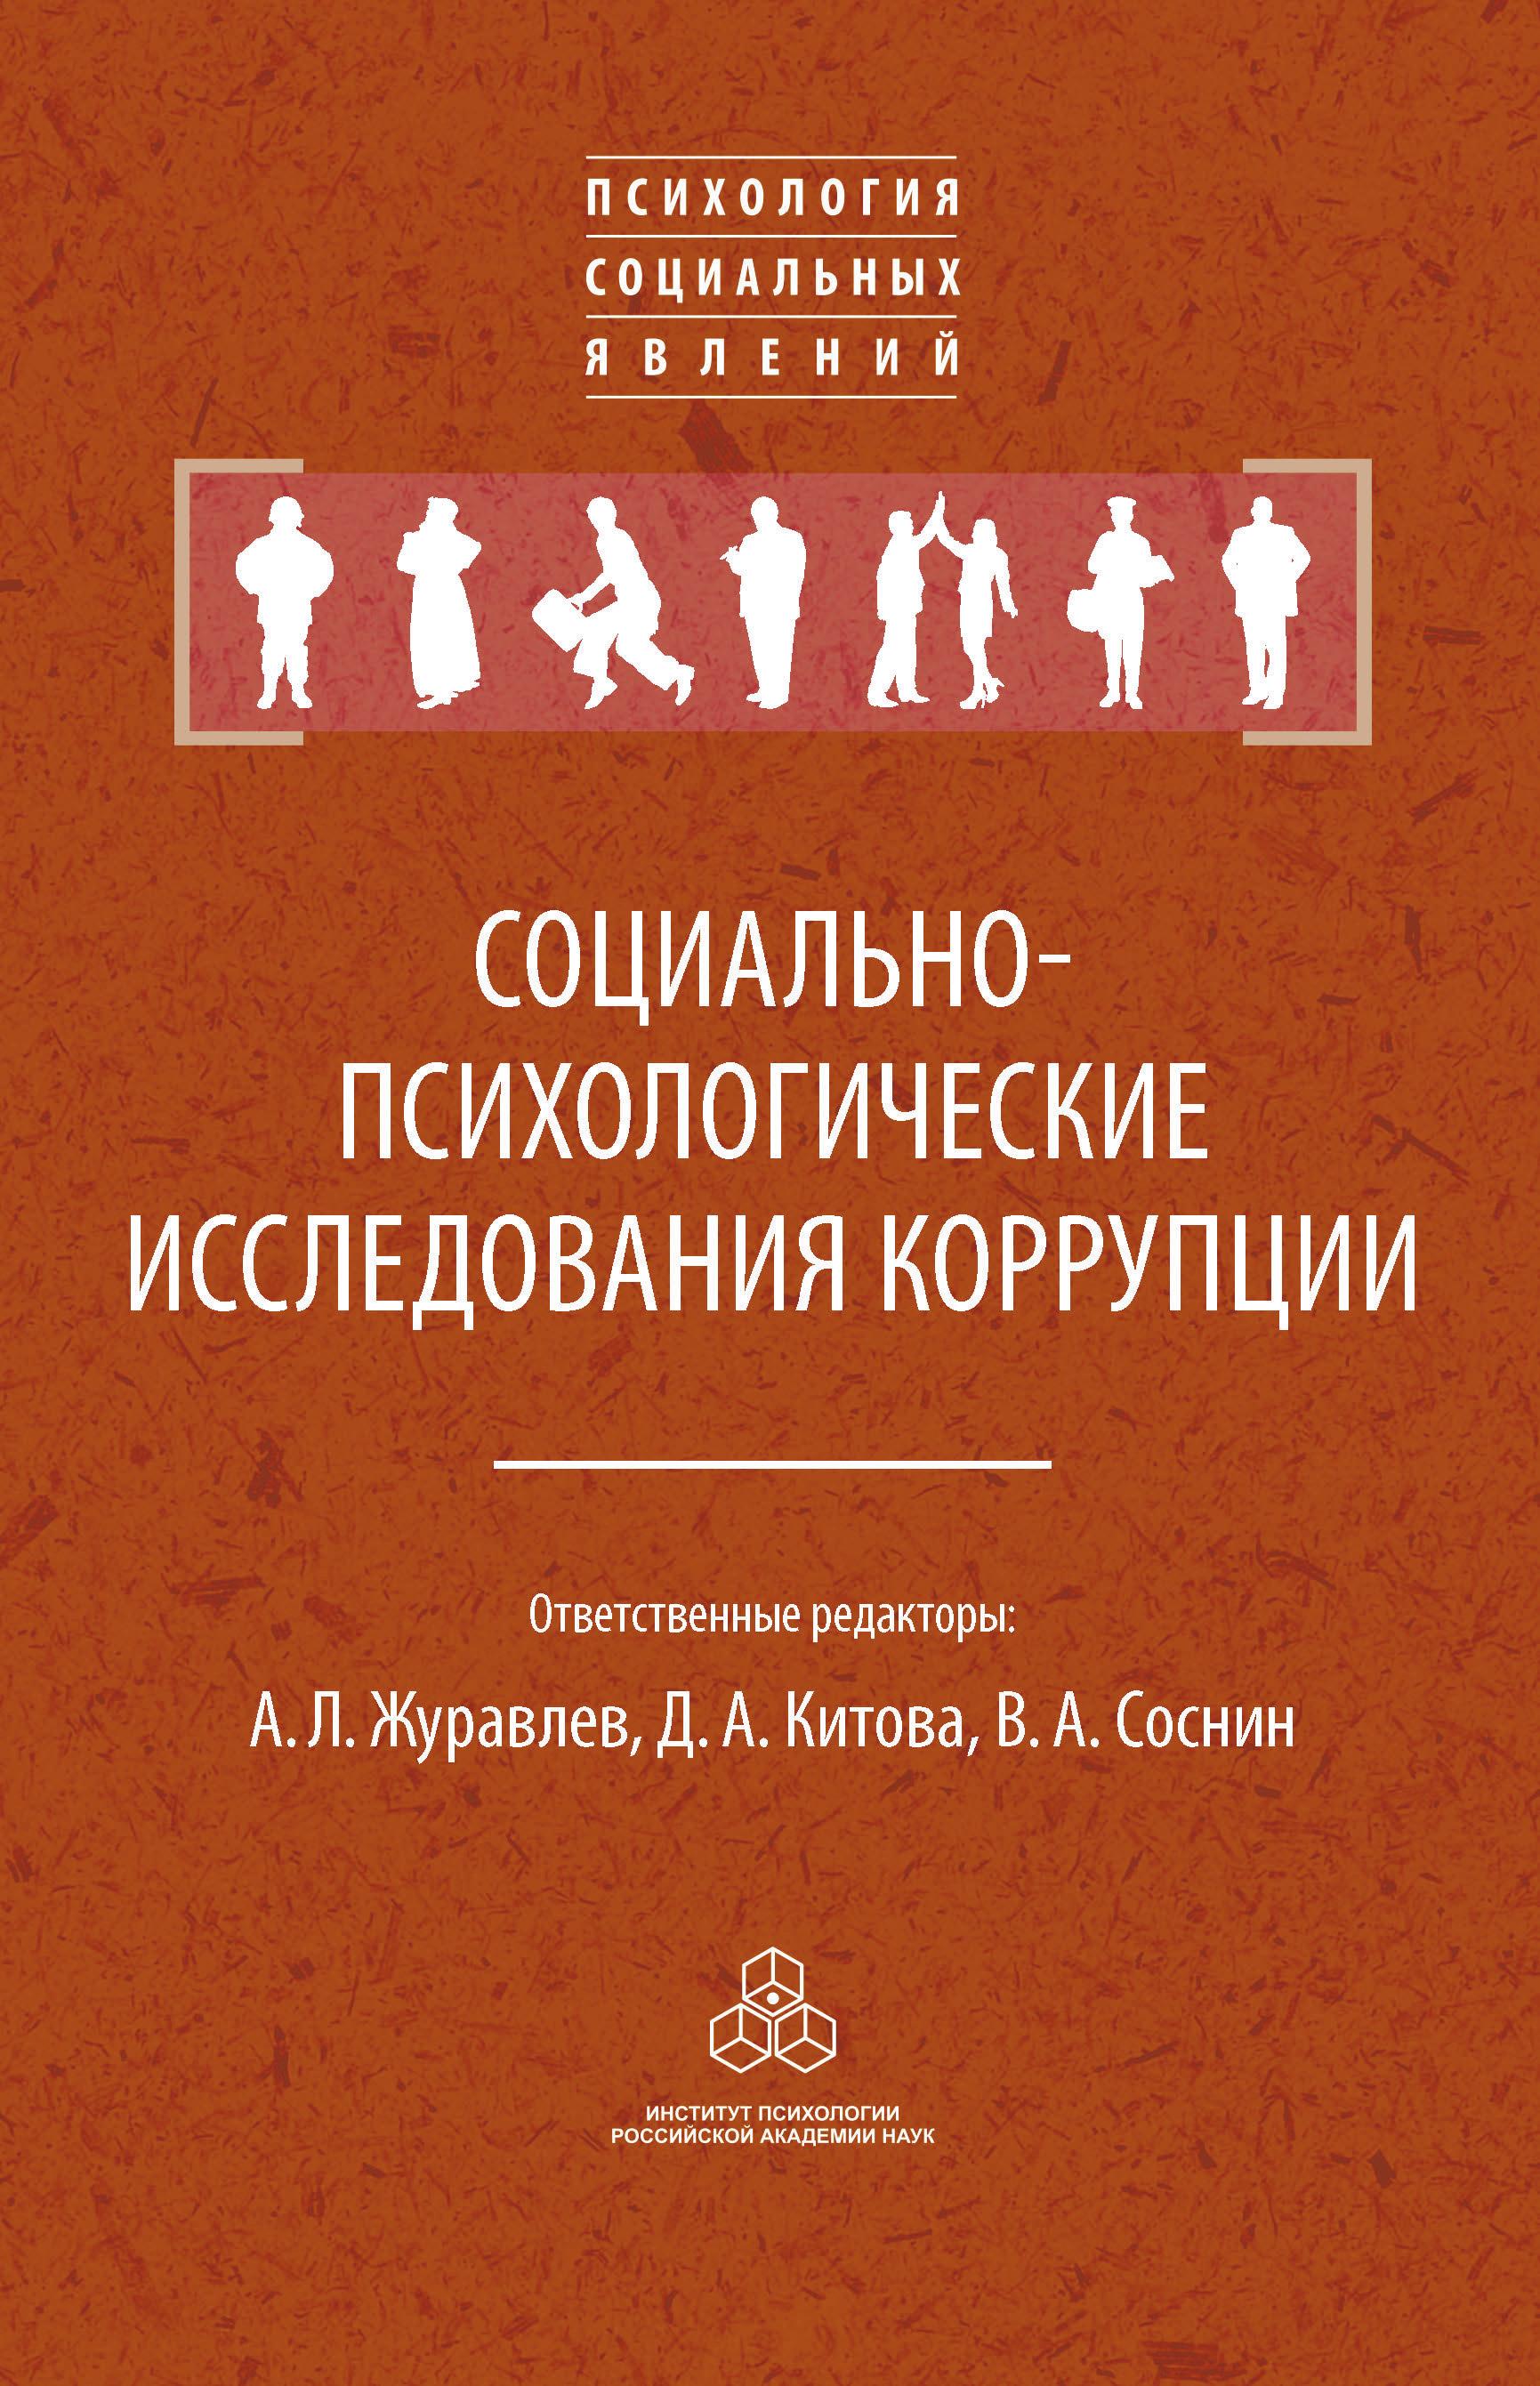 Коллектив авторов Социально-психологические исследования коррупции